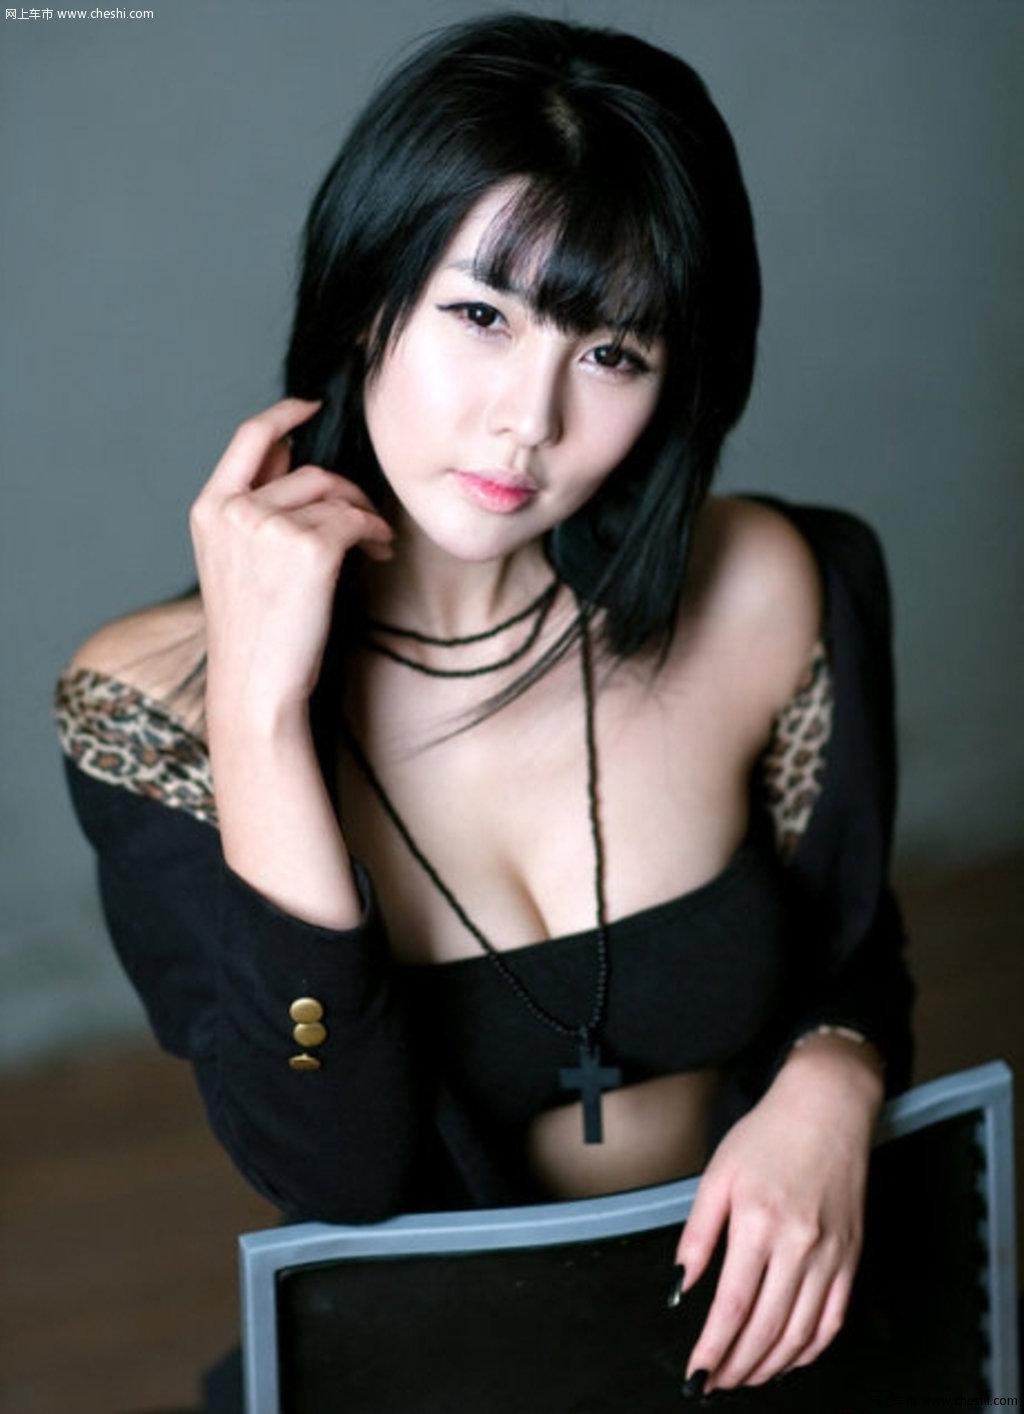 韩国美女聚会【3】 - 寒雪 - 寒雪·欢迎您!